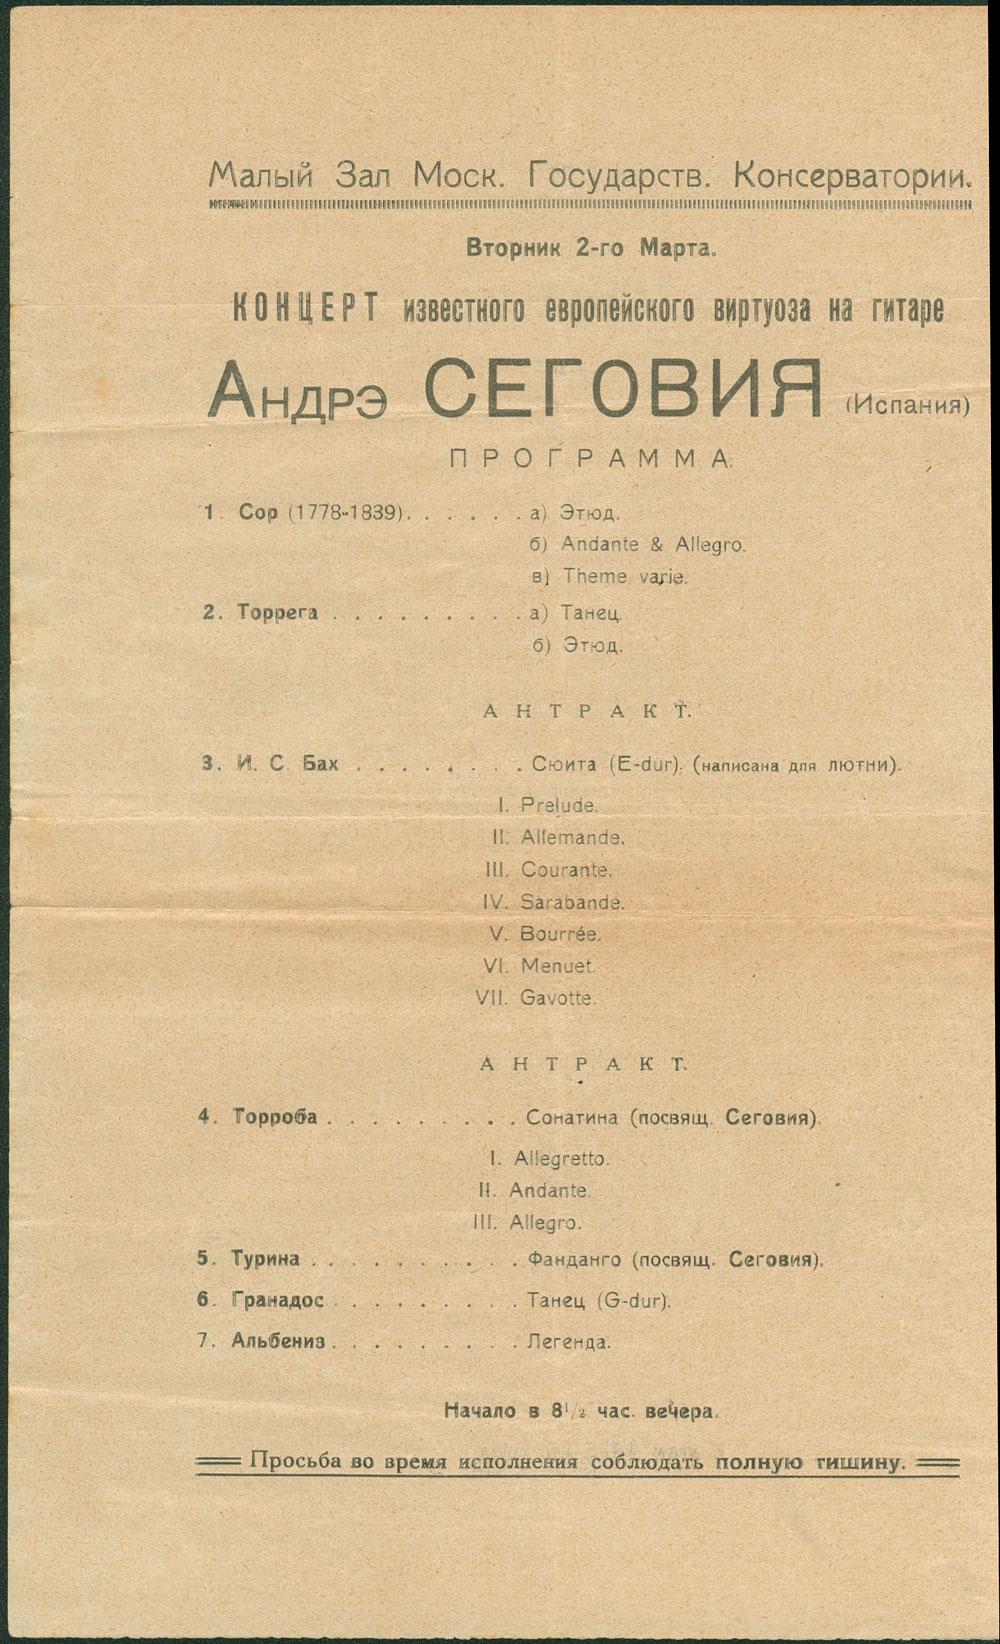 Segovia in Russia 1926